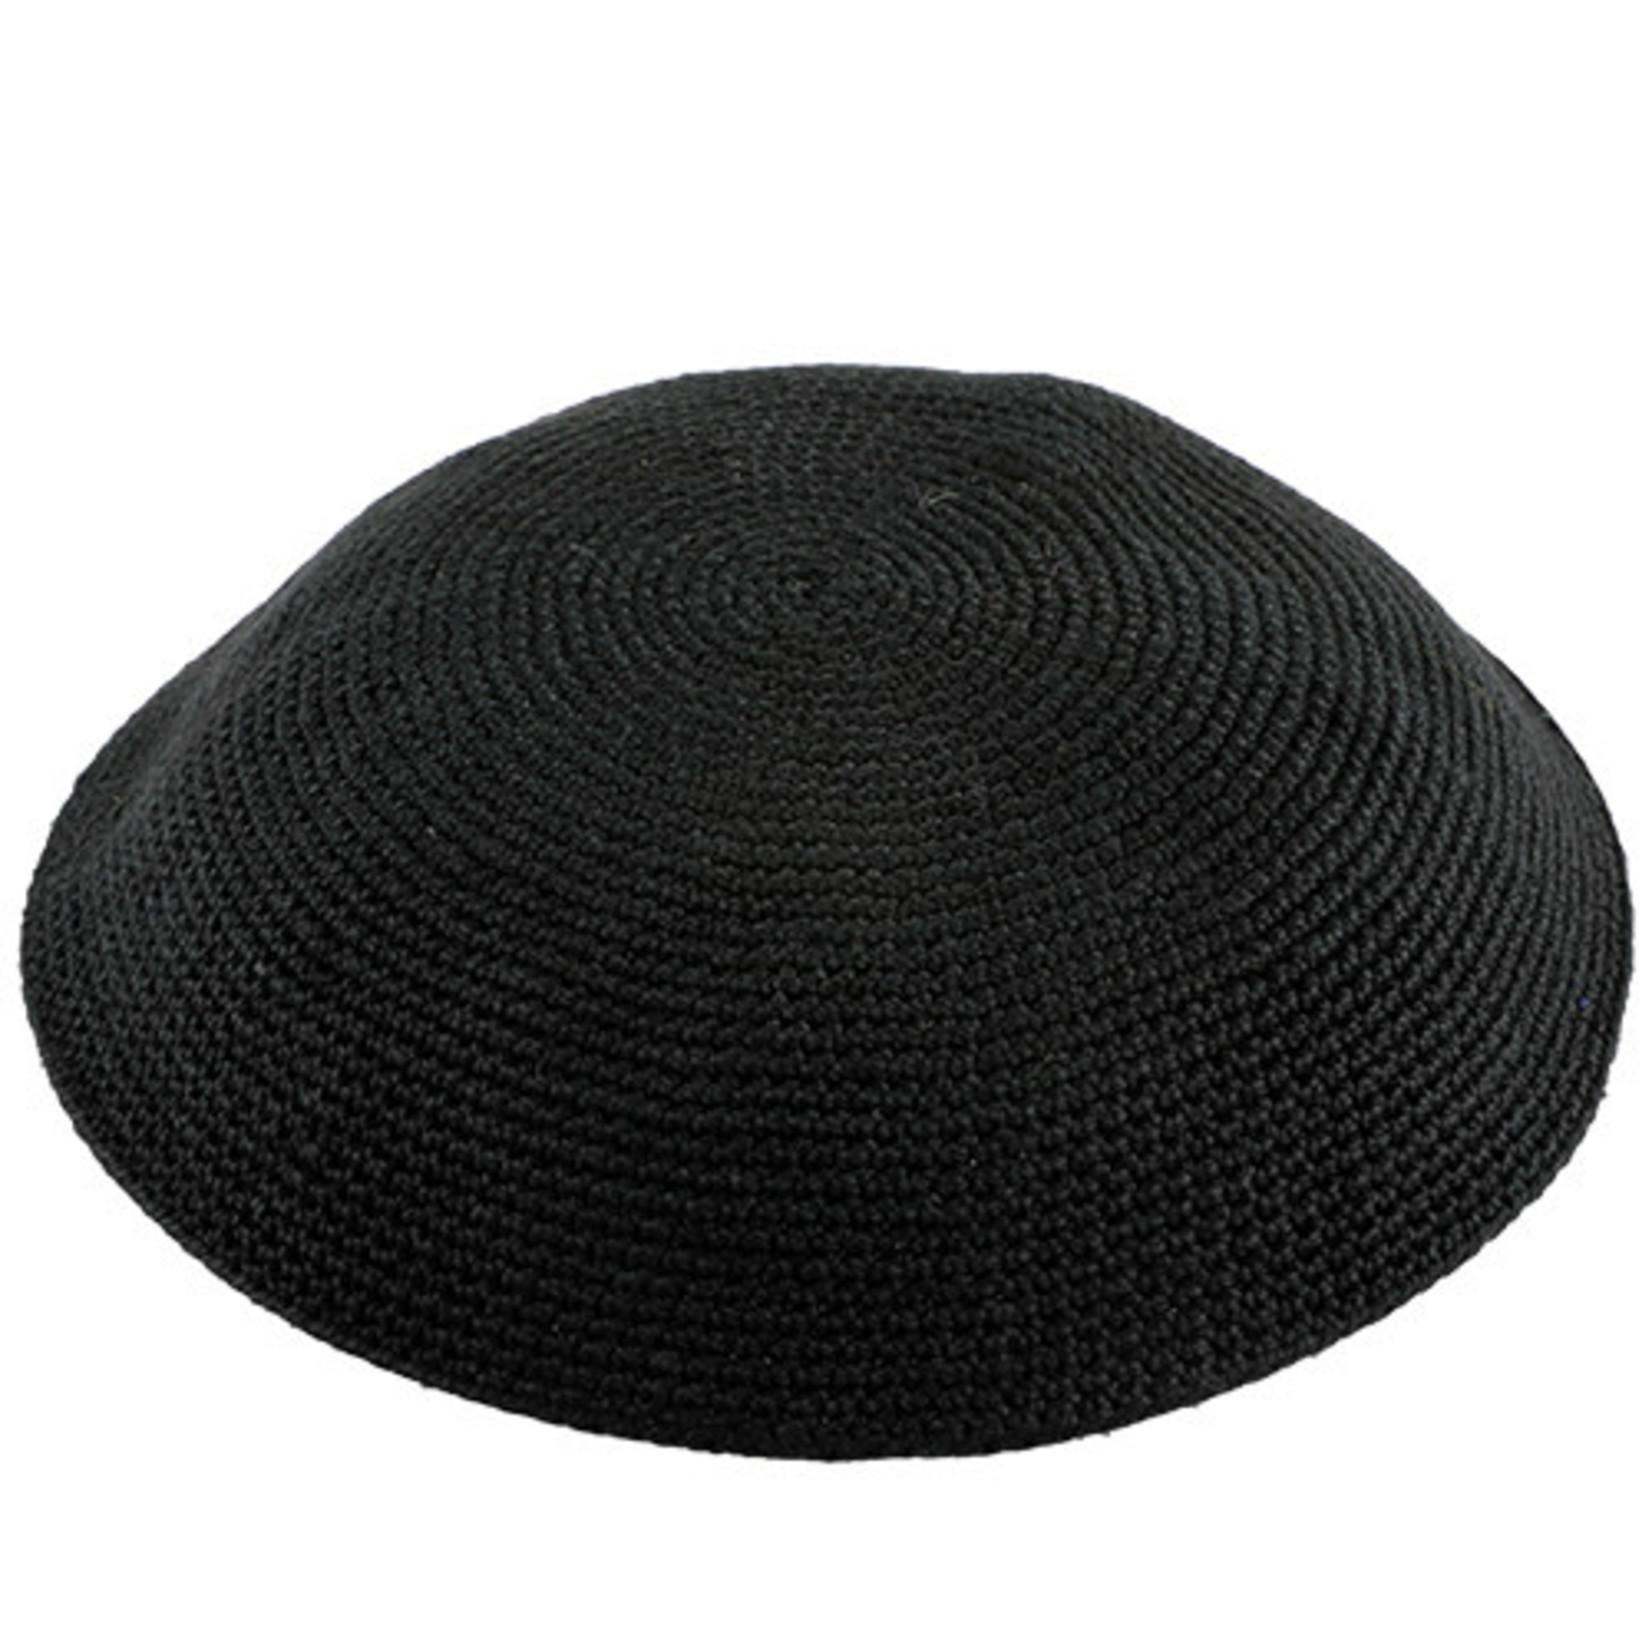 DMC Knit Kippah, Black, 14cm